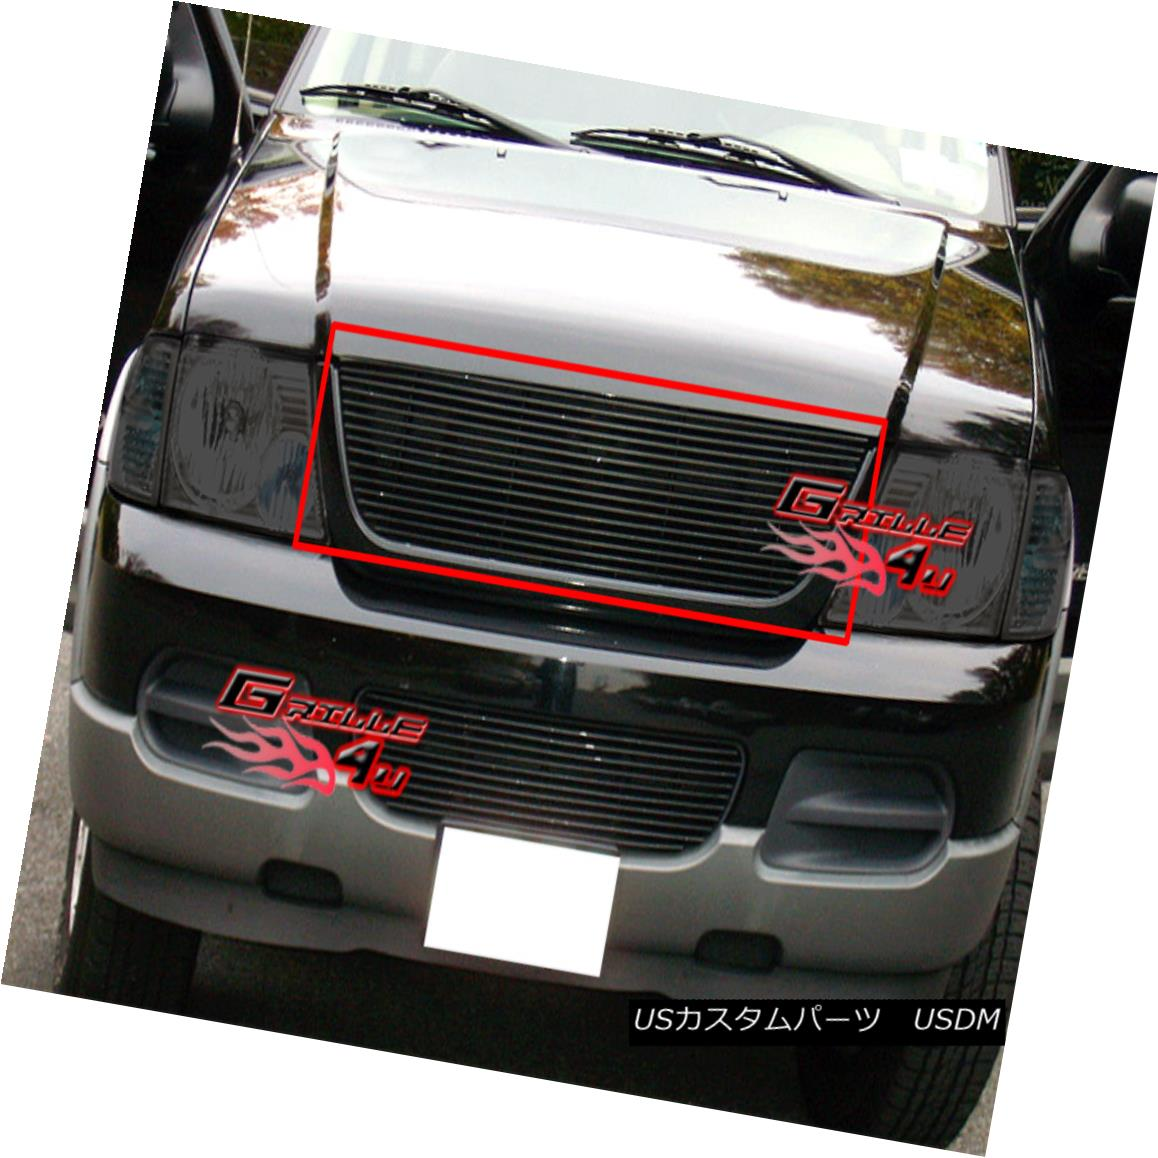 グリル Fits 2003-2006 Ford Expedition Black Billet Grille Insert フィット2003-2006フォード遠征ブラックビレットグリルインサート